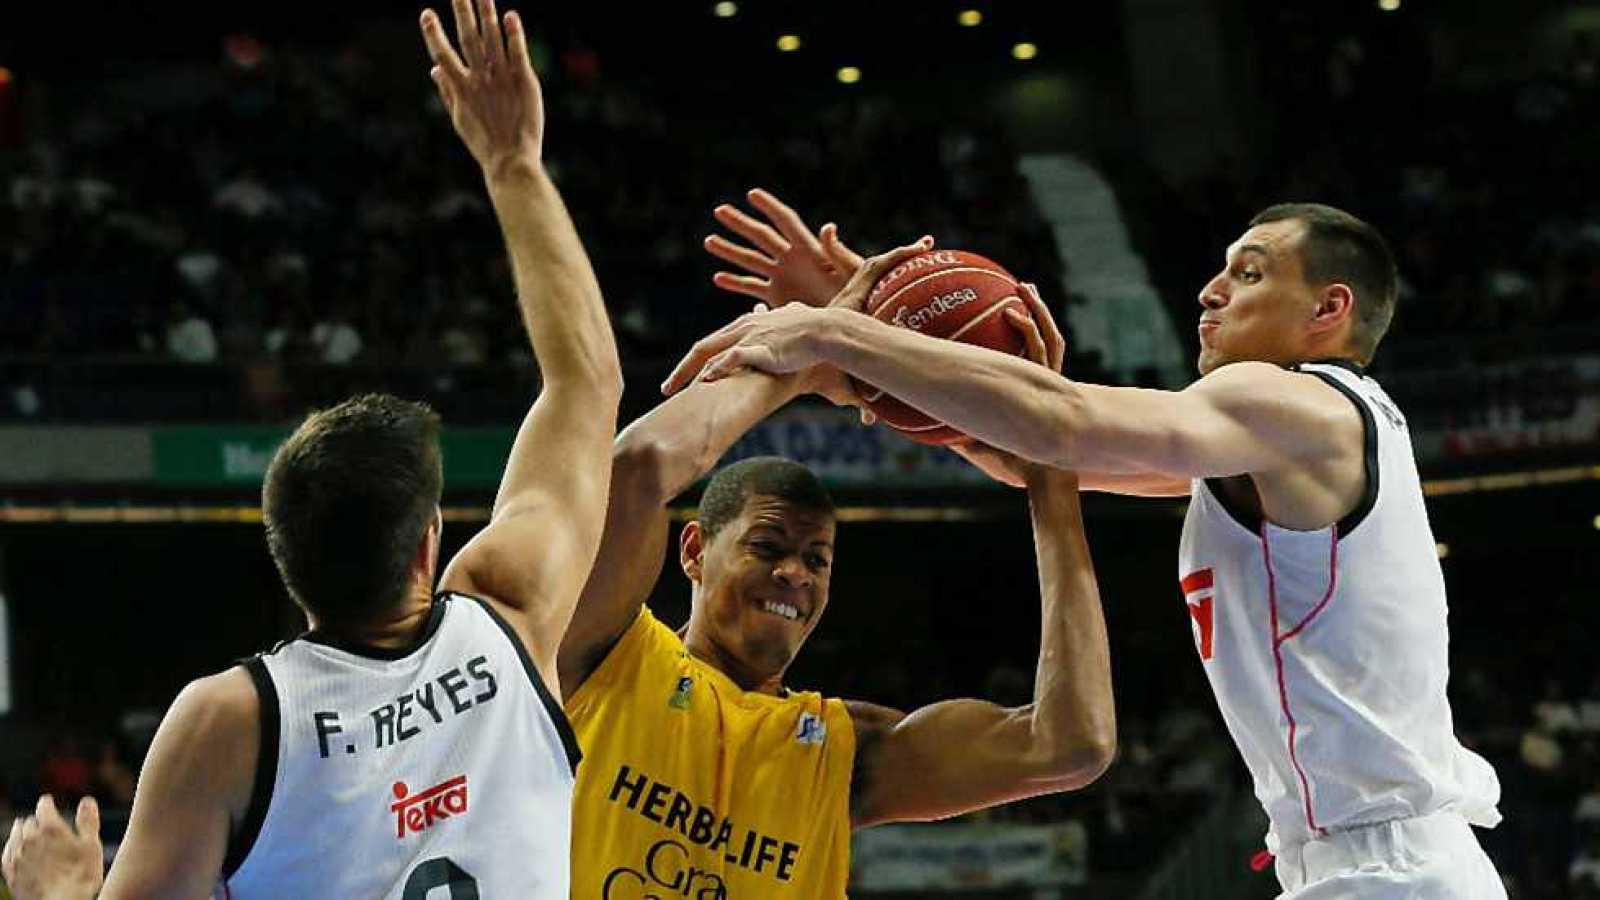 Baloncesto - Liga ACB. Play Off. Cuartos de final: Real Madrid-Herbalife Gran Canaria - Ver ahora